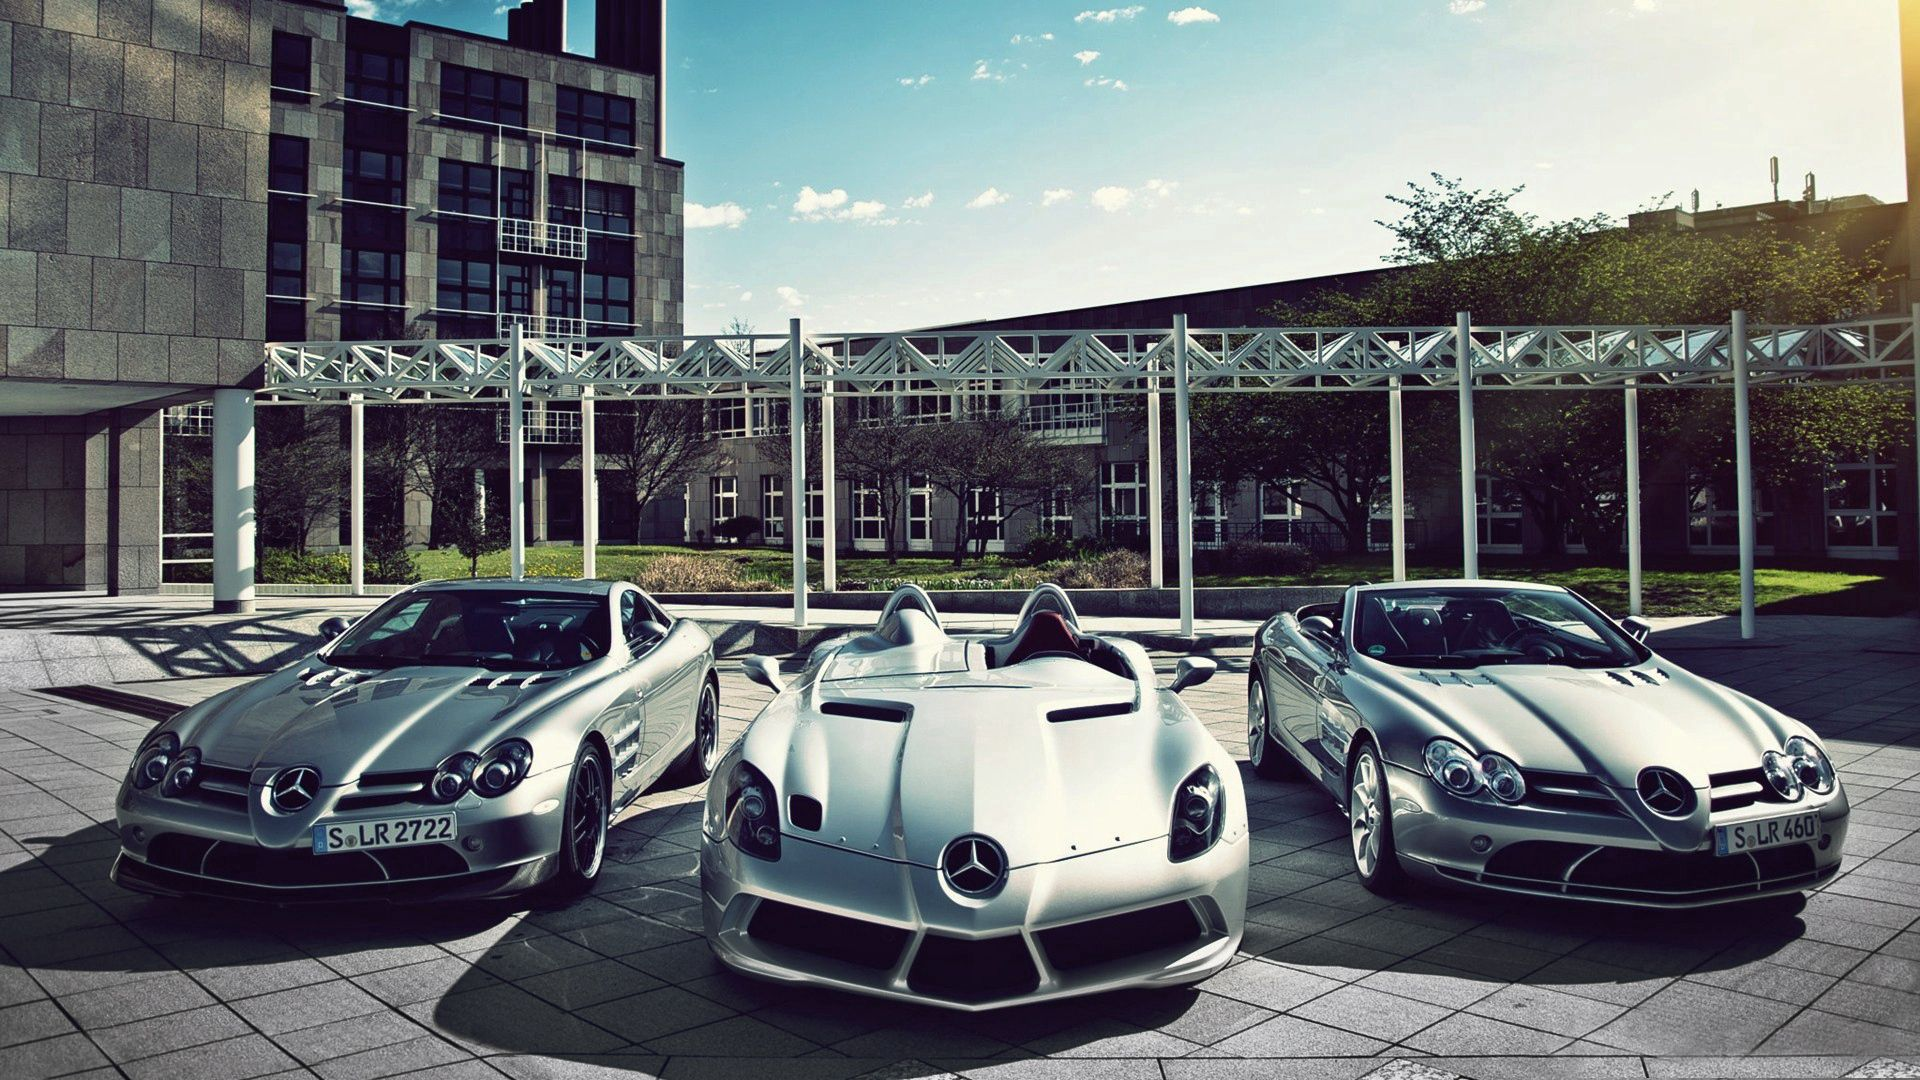 151616 скачать обои Мерседес (Mercedes), Тачки (Cars), Три, Спорткары, Mercedes Slr Mclaren - заставки и картинки бесплатно